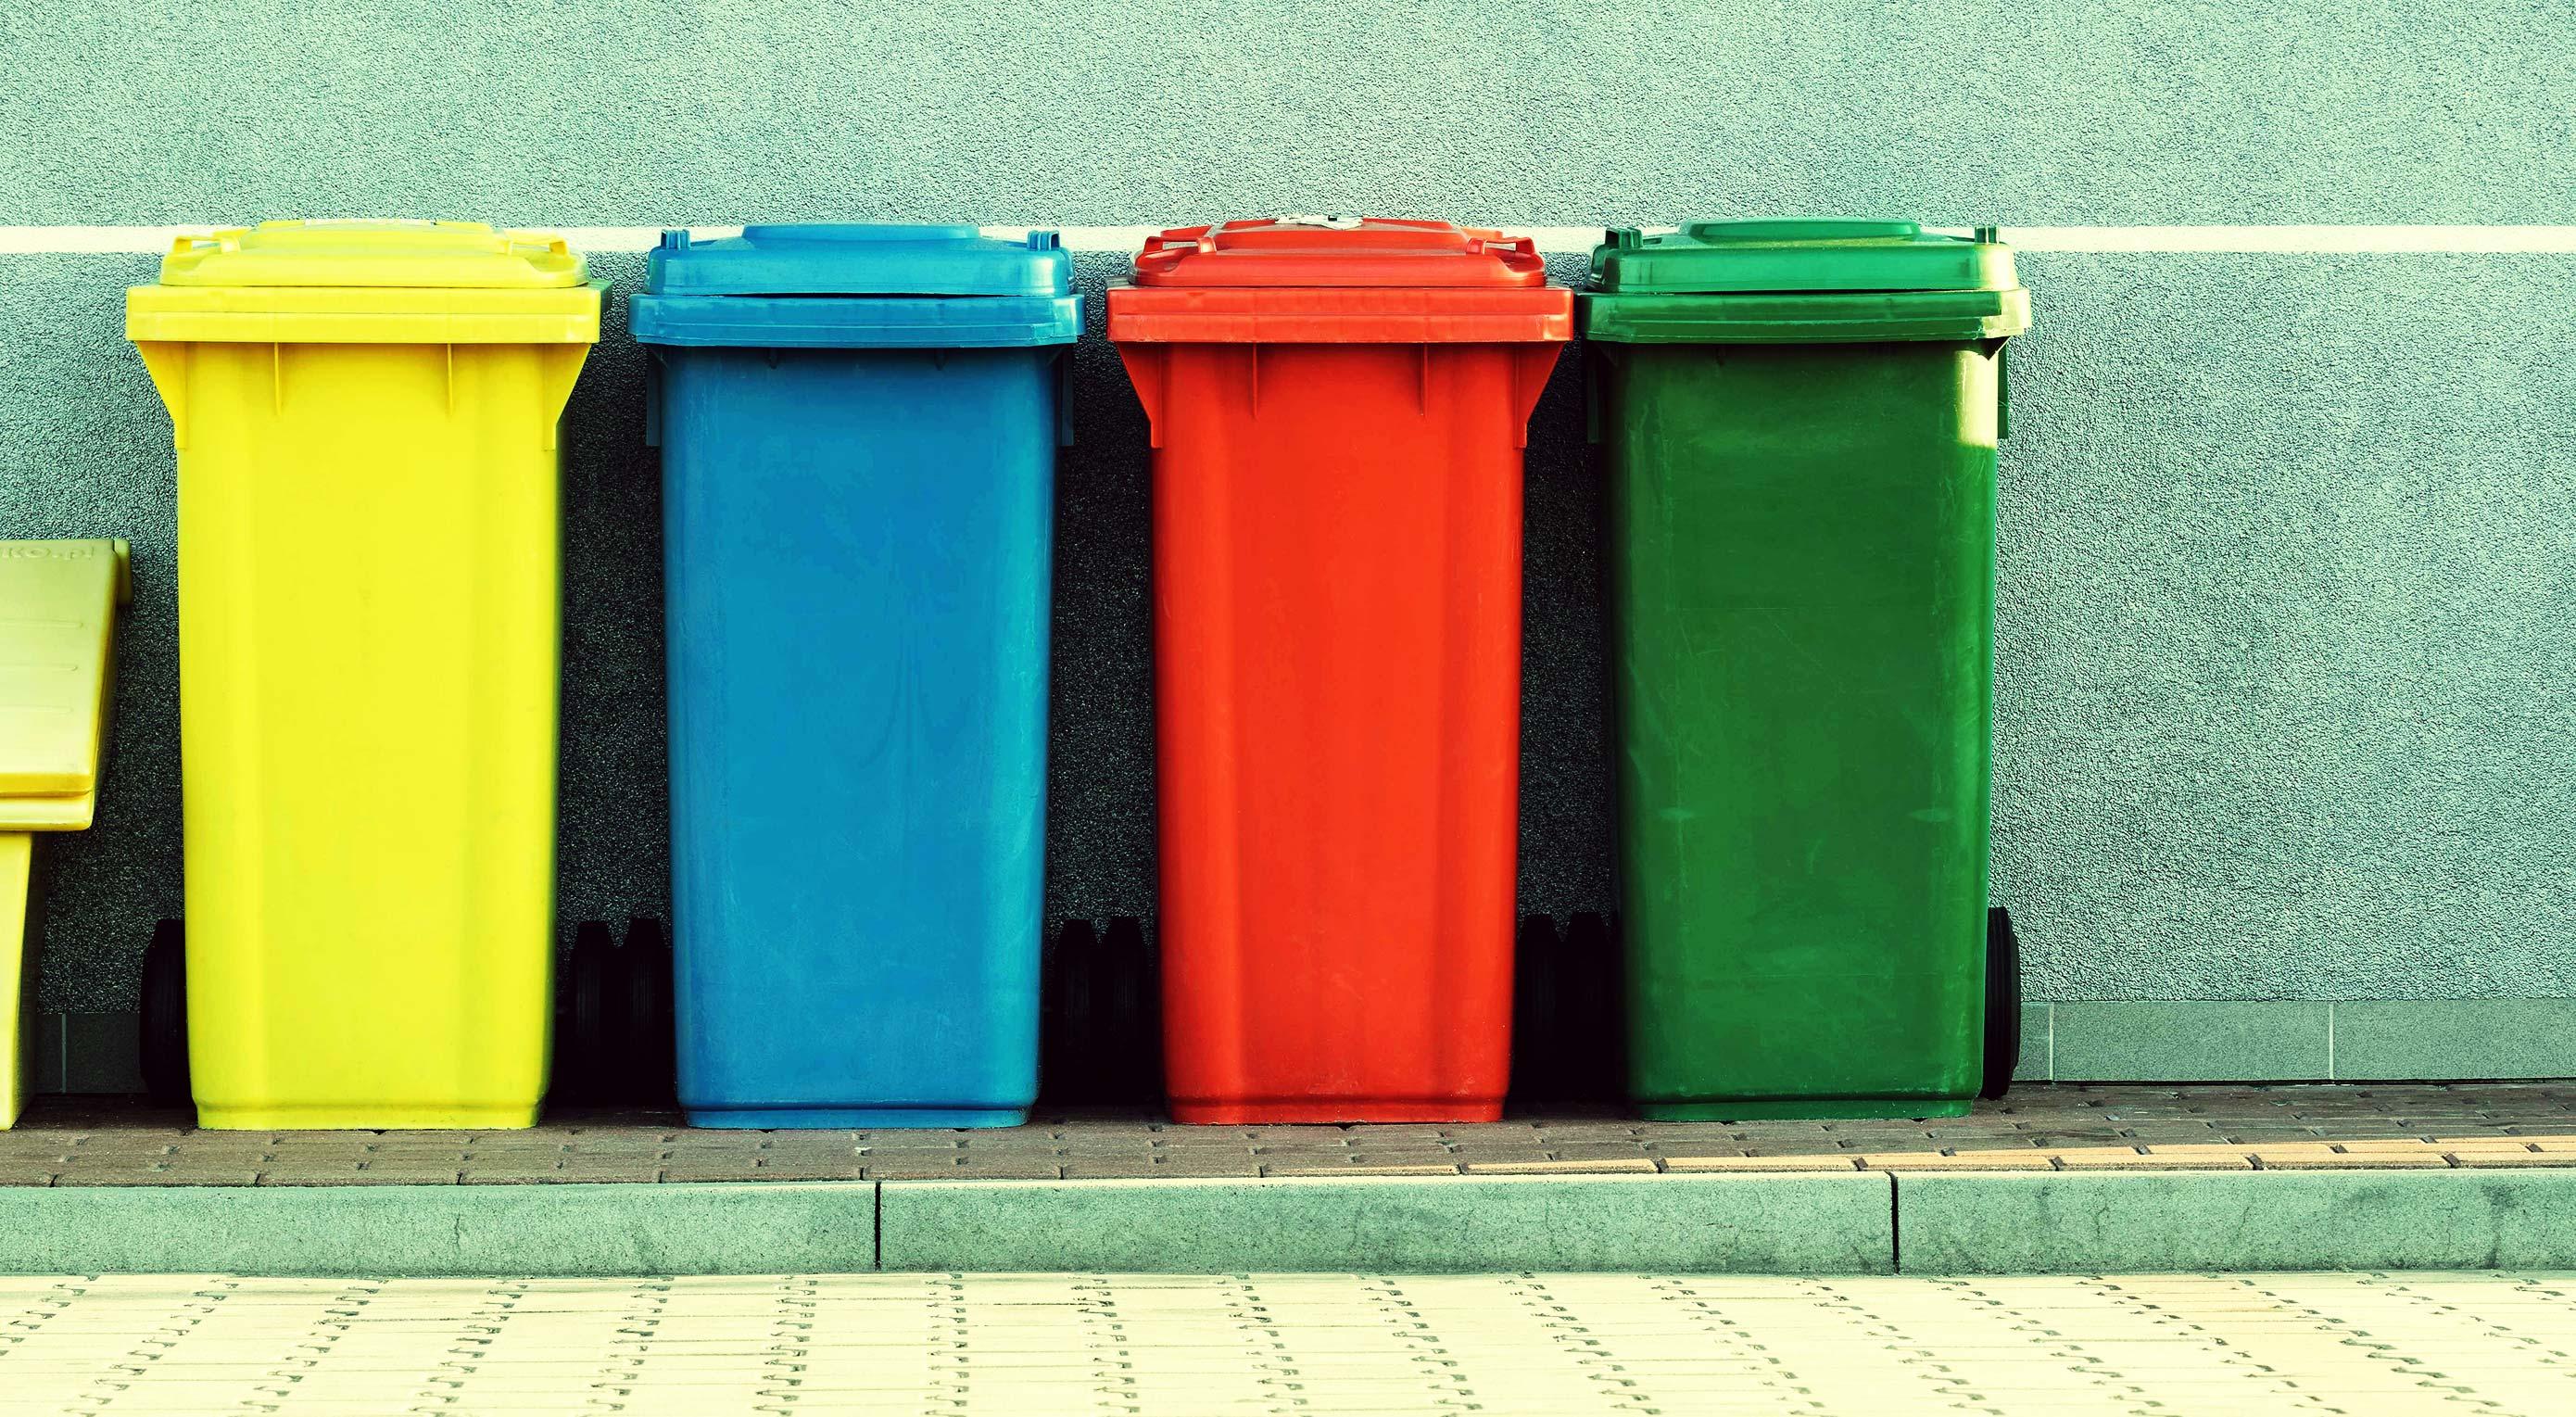 The Secret Design: Designing Trash